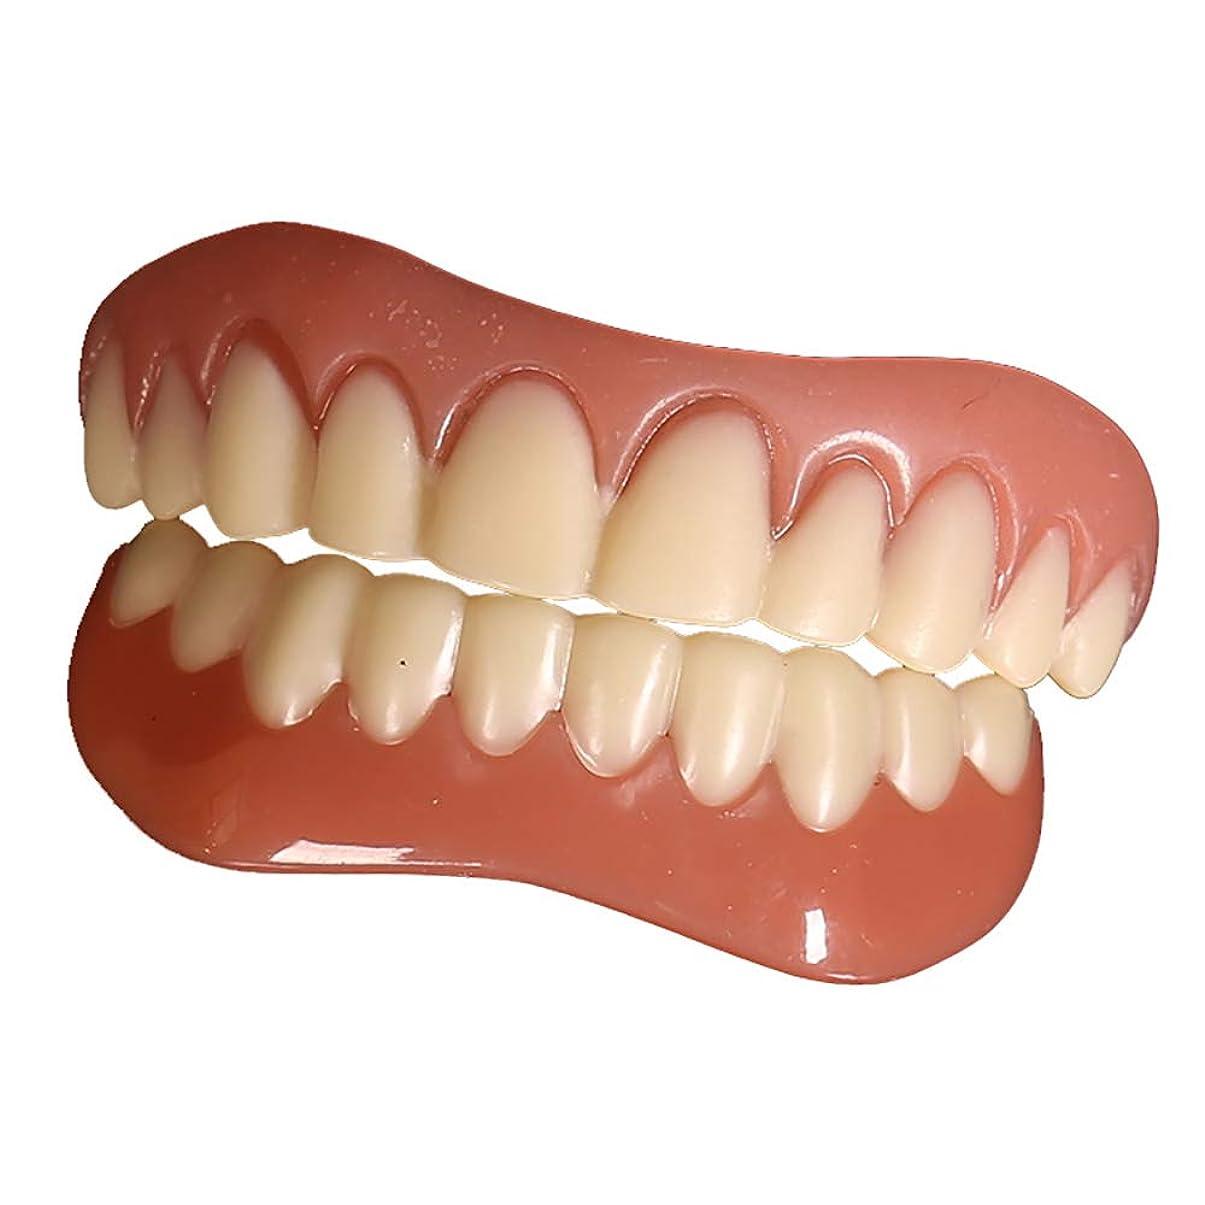 キャンプ前売拮抗するパーフェクトインスタントスマイルティースベニヤインスタントビューティー2本入れ歯2本下歯(フリーサイズ(中))